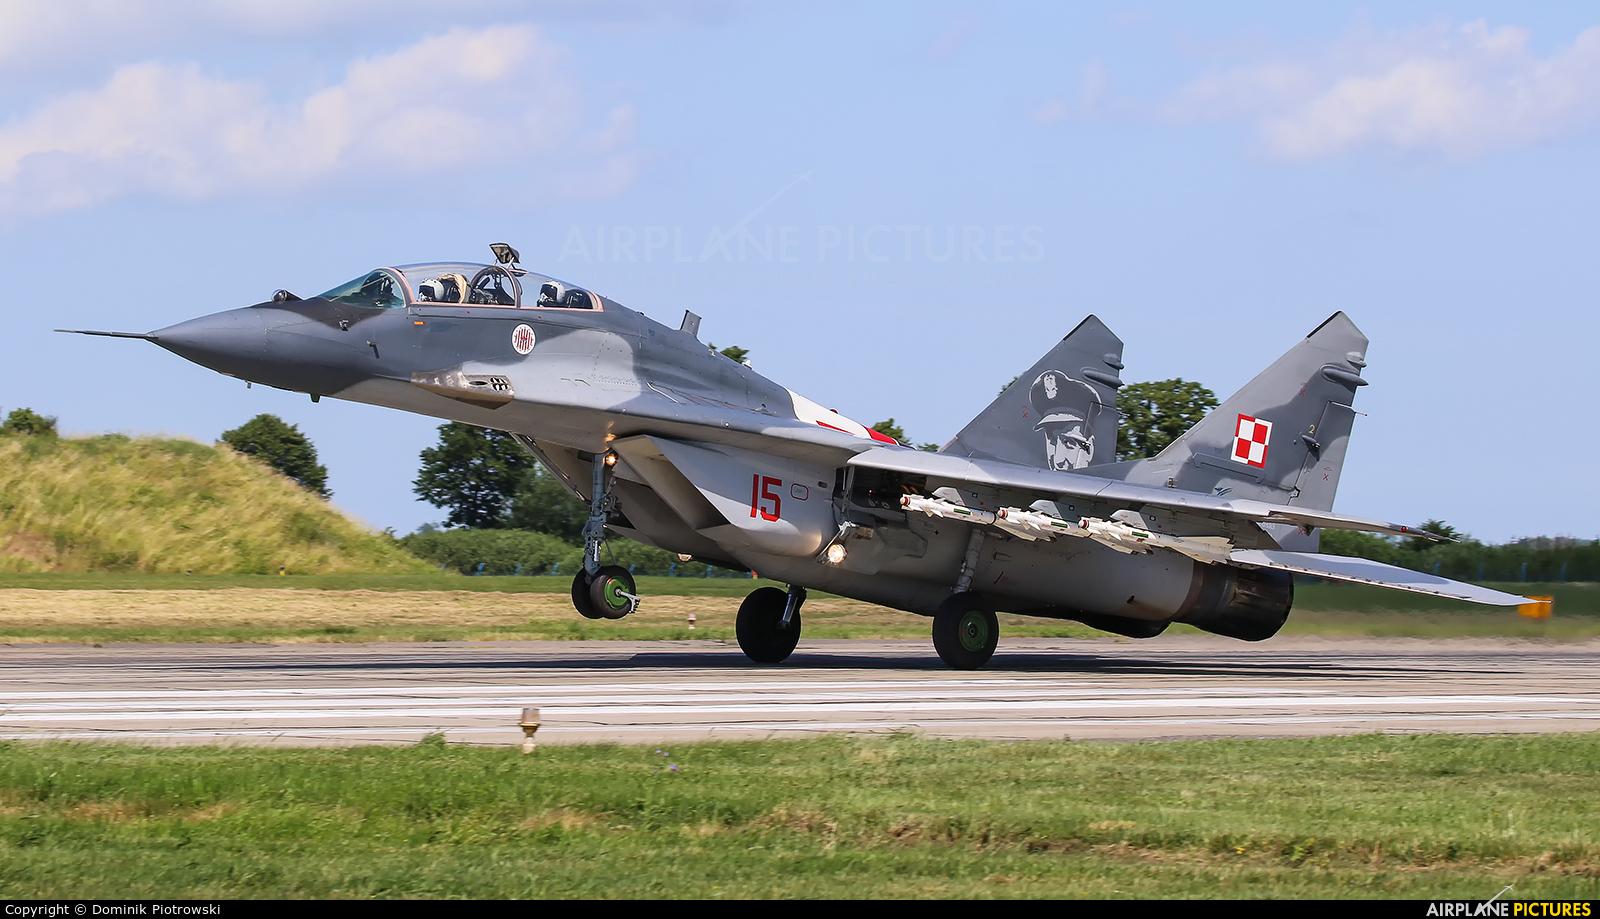 Poland - Air Force 15 aircraft at Malbork